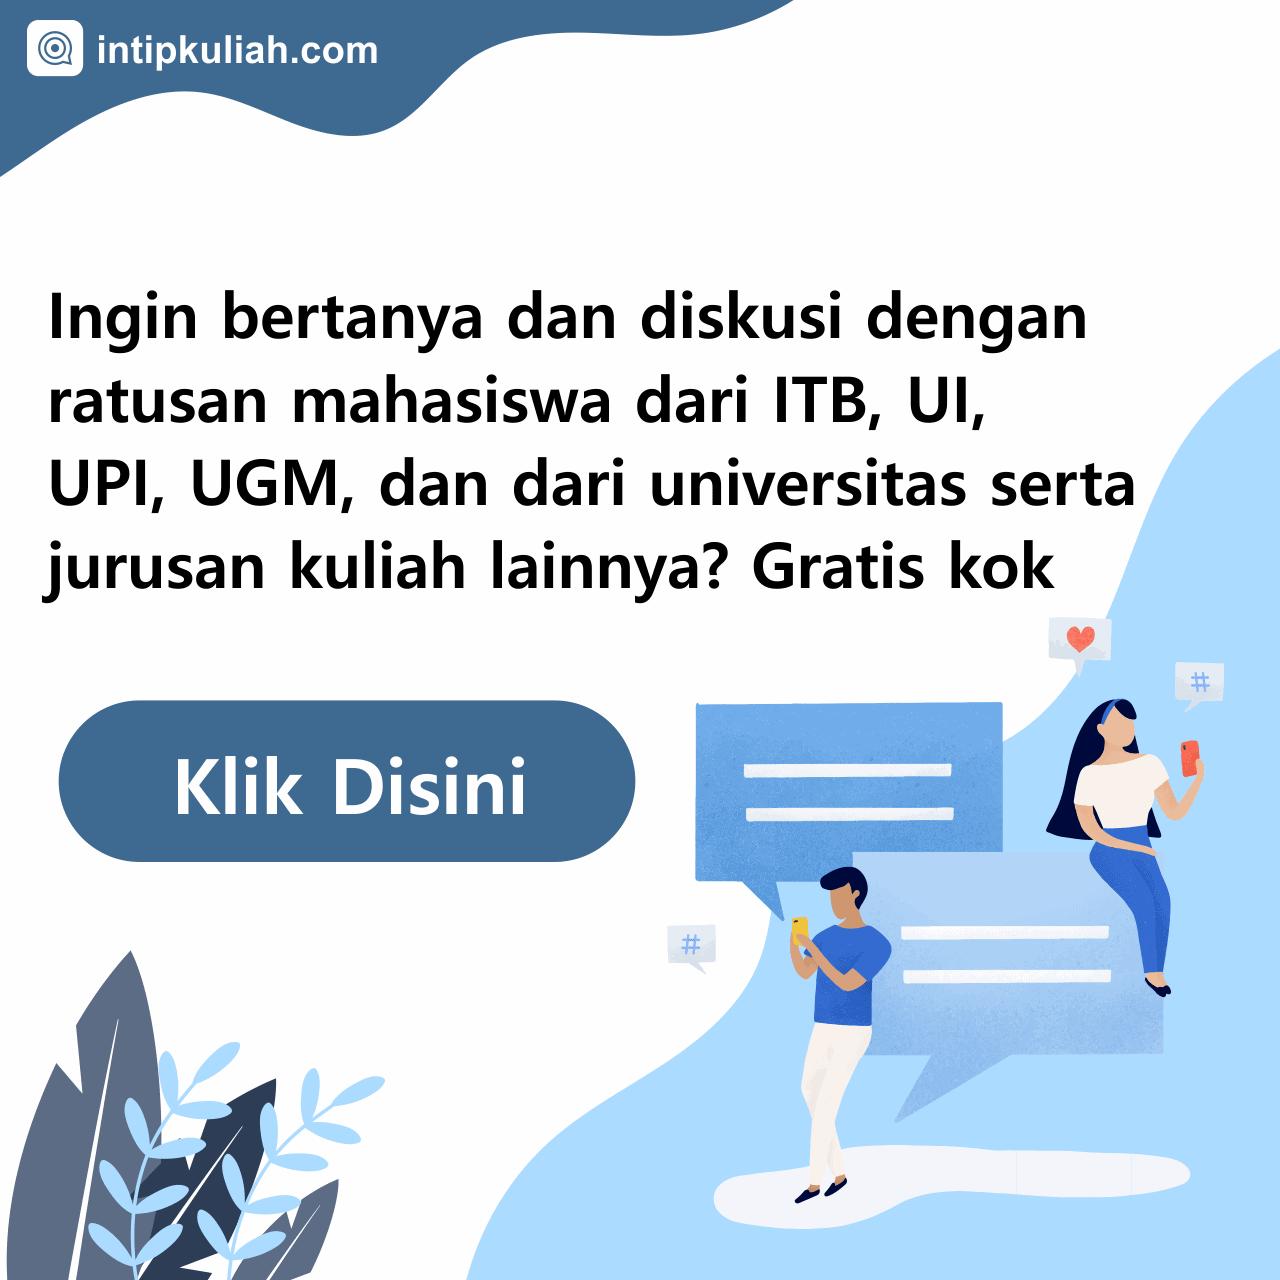 ITB, UI, UGM, UPI